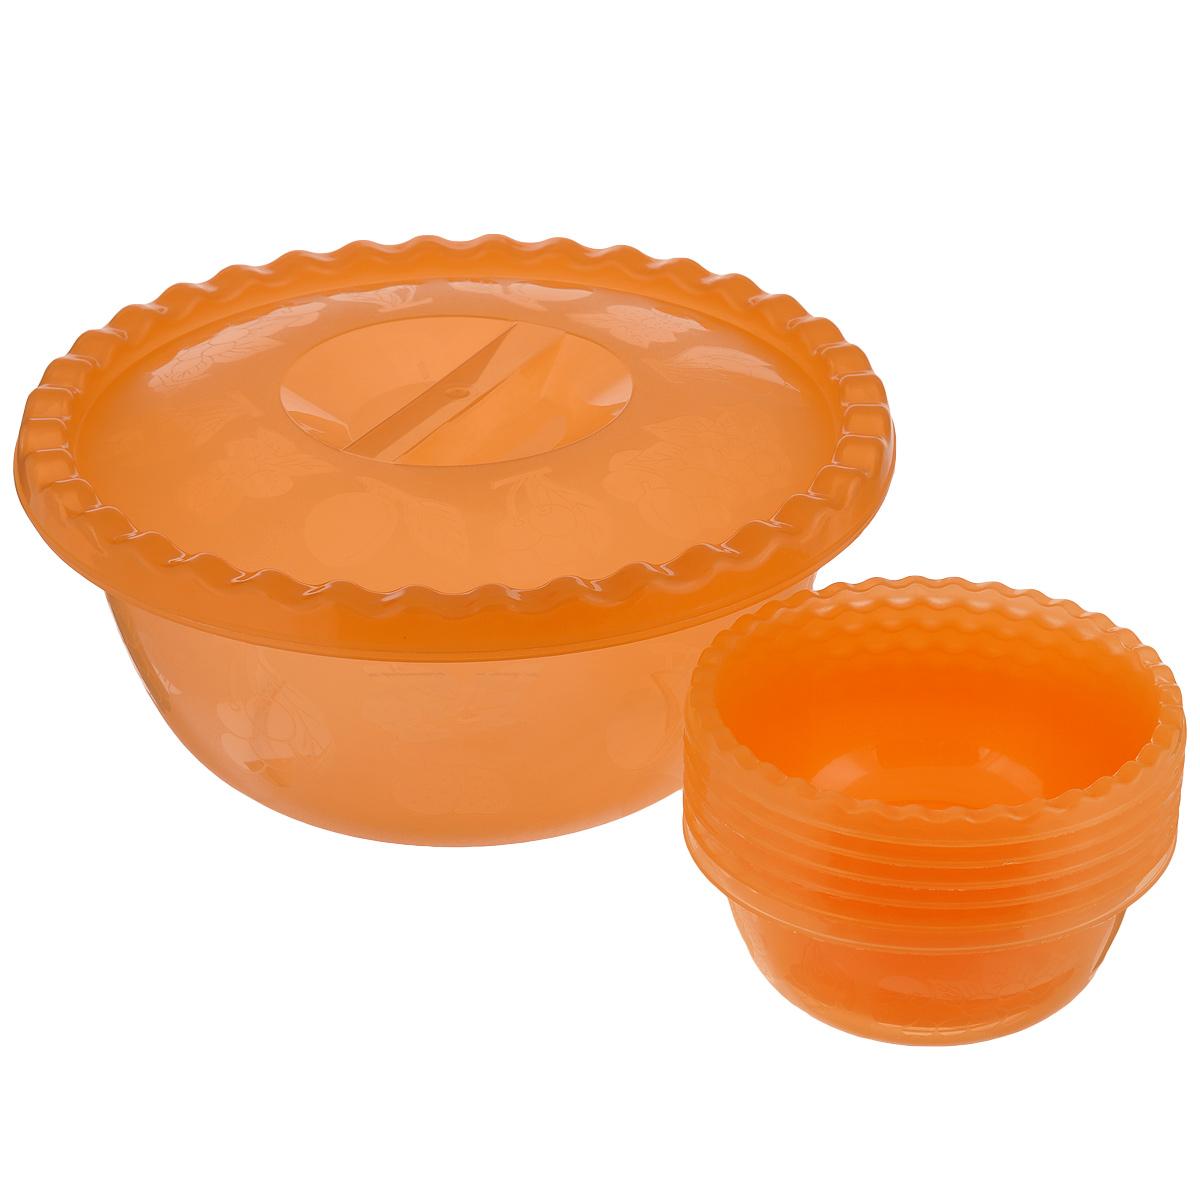 Набор мисок для салата Idea, цвет: оранжевый, 8 предметовМ 1330Набор Idea, состоящий из семи мисок и крышки, выполнен из прочного пластика. Миски являются универсальным приобретением для любой кухни. С их помощью можно готовить любые салаты и даже сервировать стол. Оригинальный дизайн, высокое качество и функциональность набора Idea позволят ему стать достойным дополнением к вашему кухонному инвентарю. Можно мыть в посудомоечной машине. Диаметр мисок: 24 см; 12,5 см. Высота стенок: 10 см; 5,5 см. Объем мисок: 3 л; 450 мл.